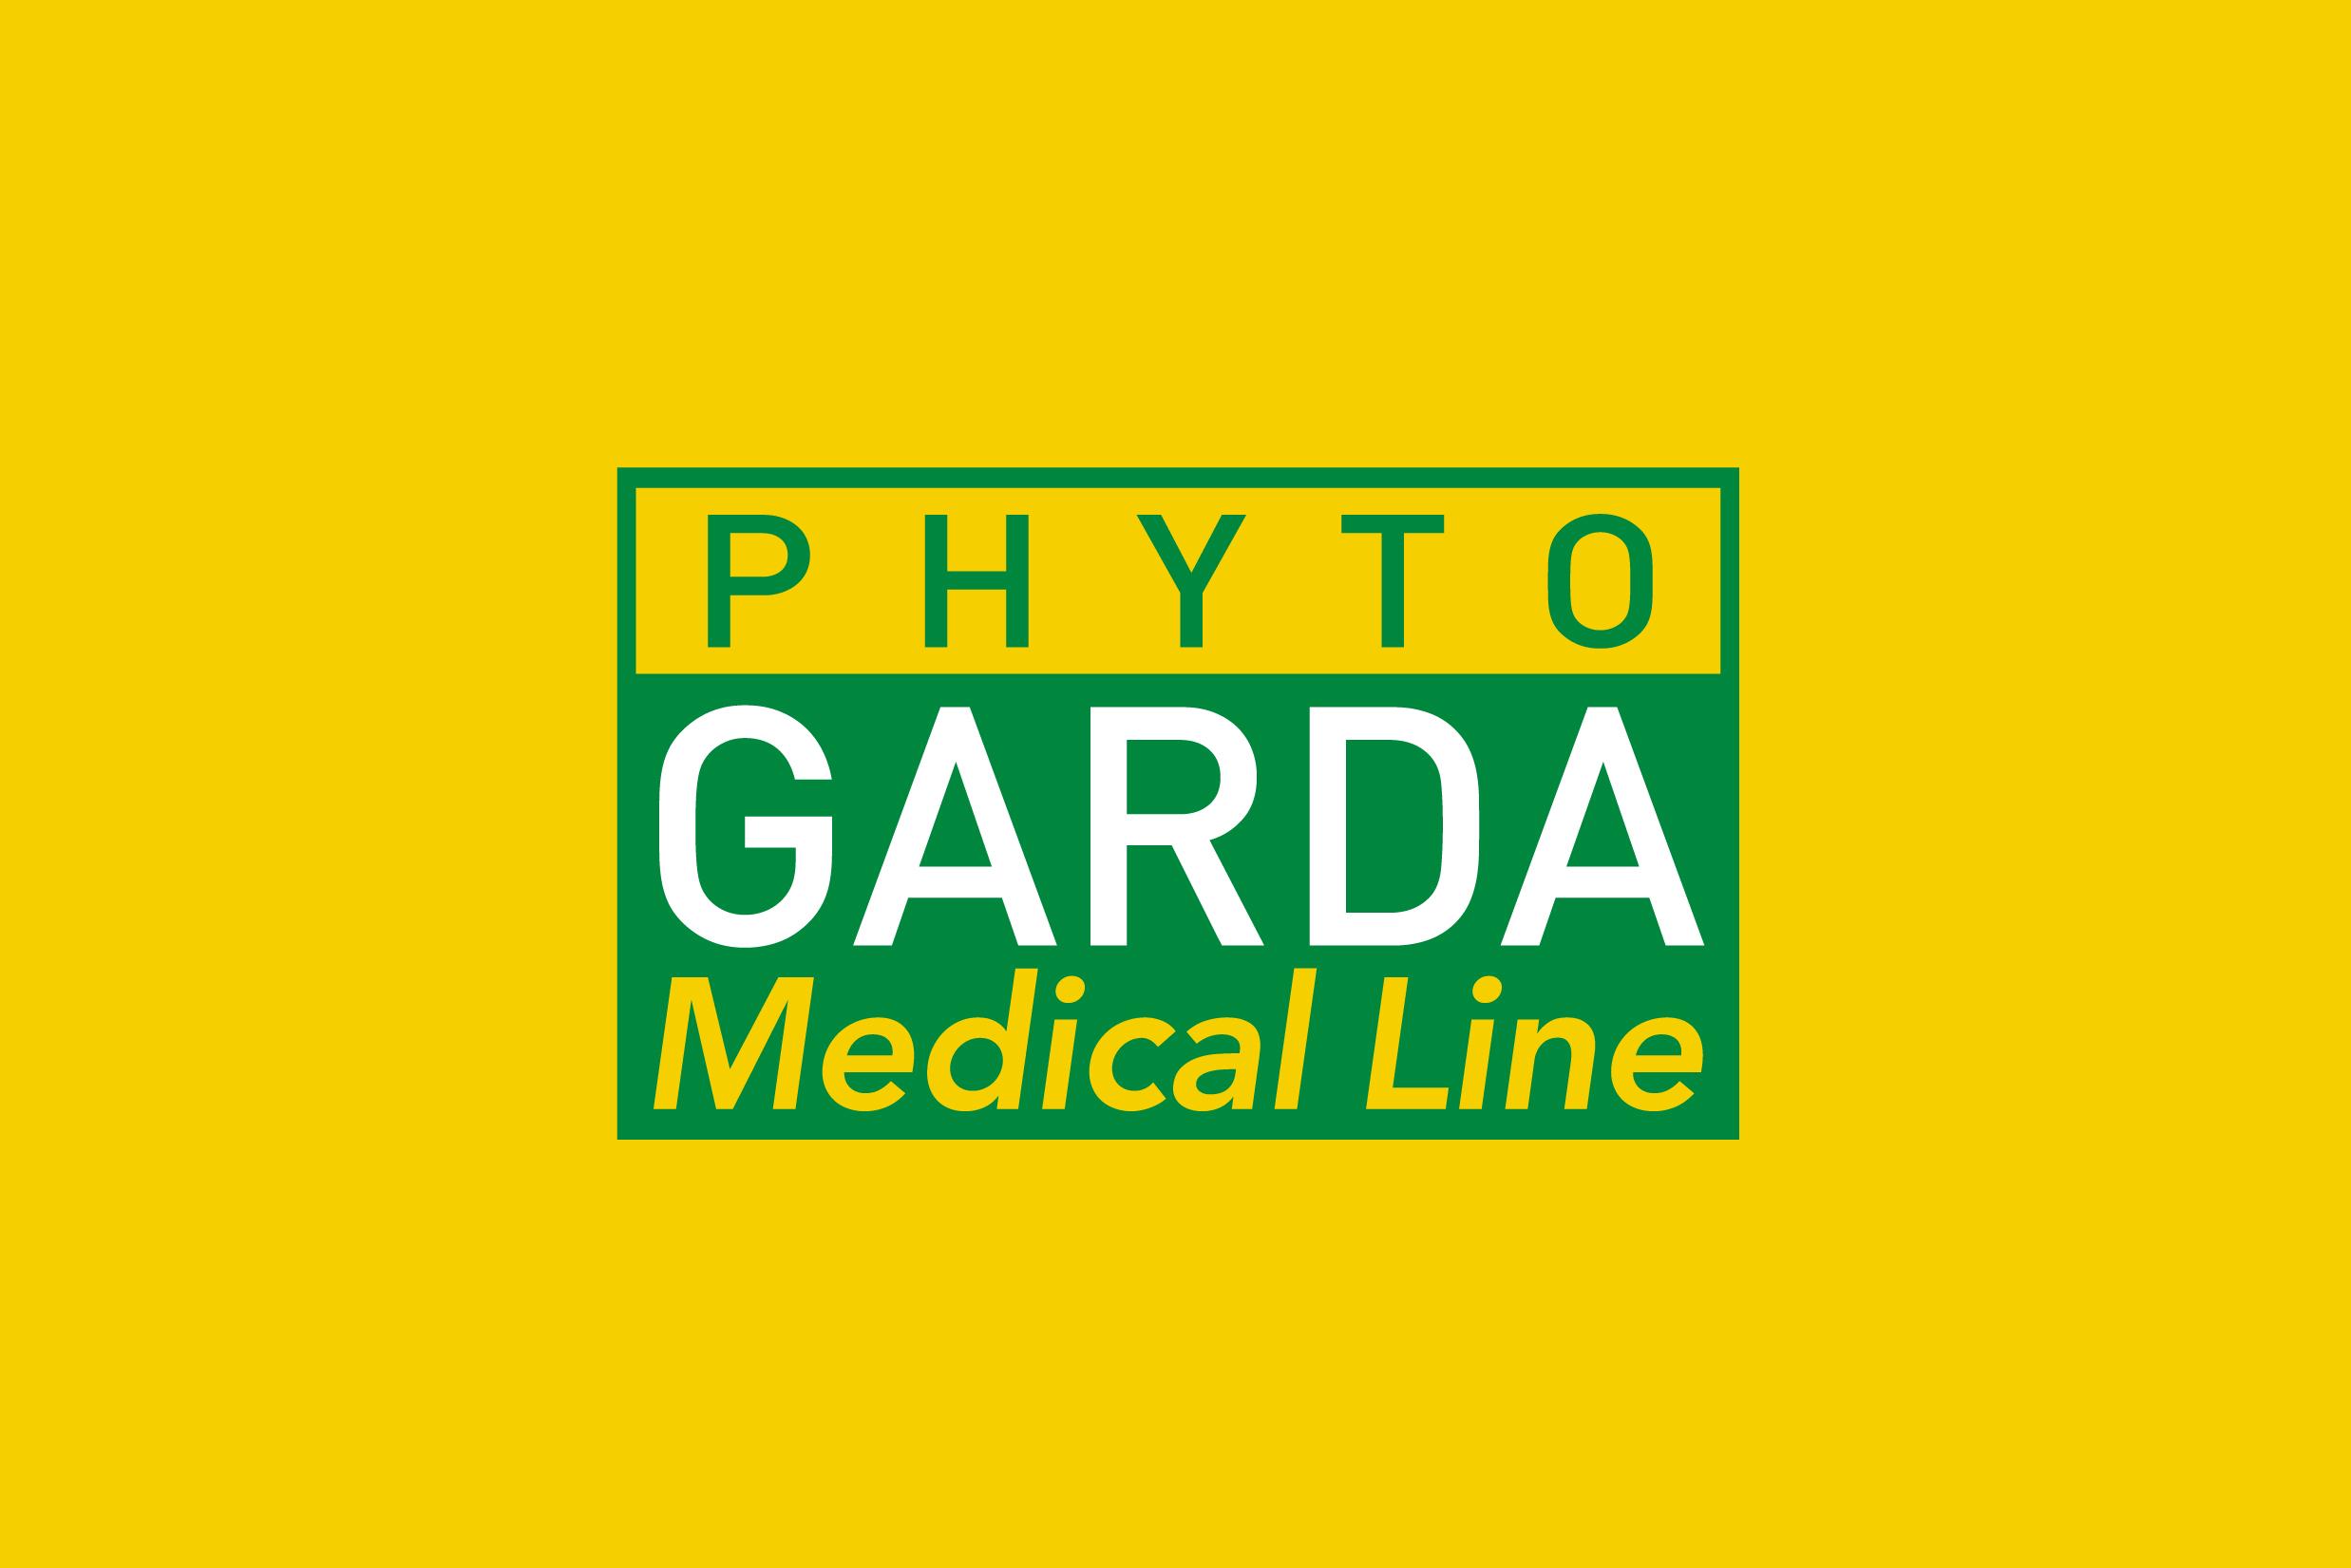 PG Medical Line